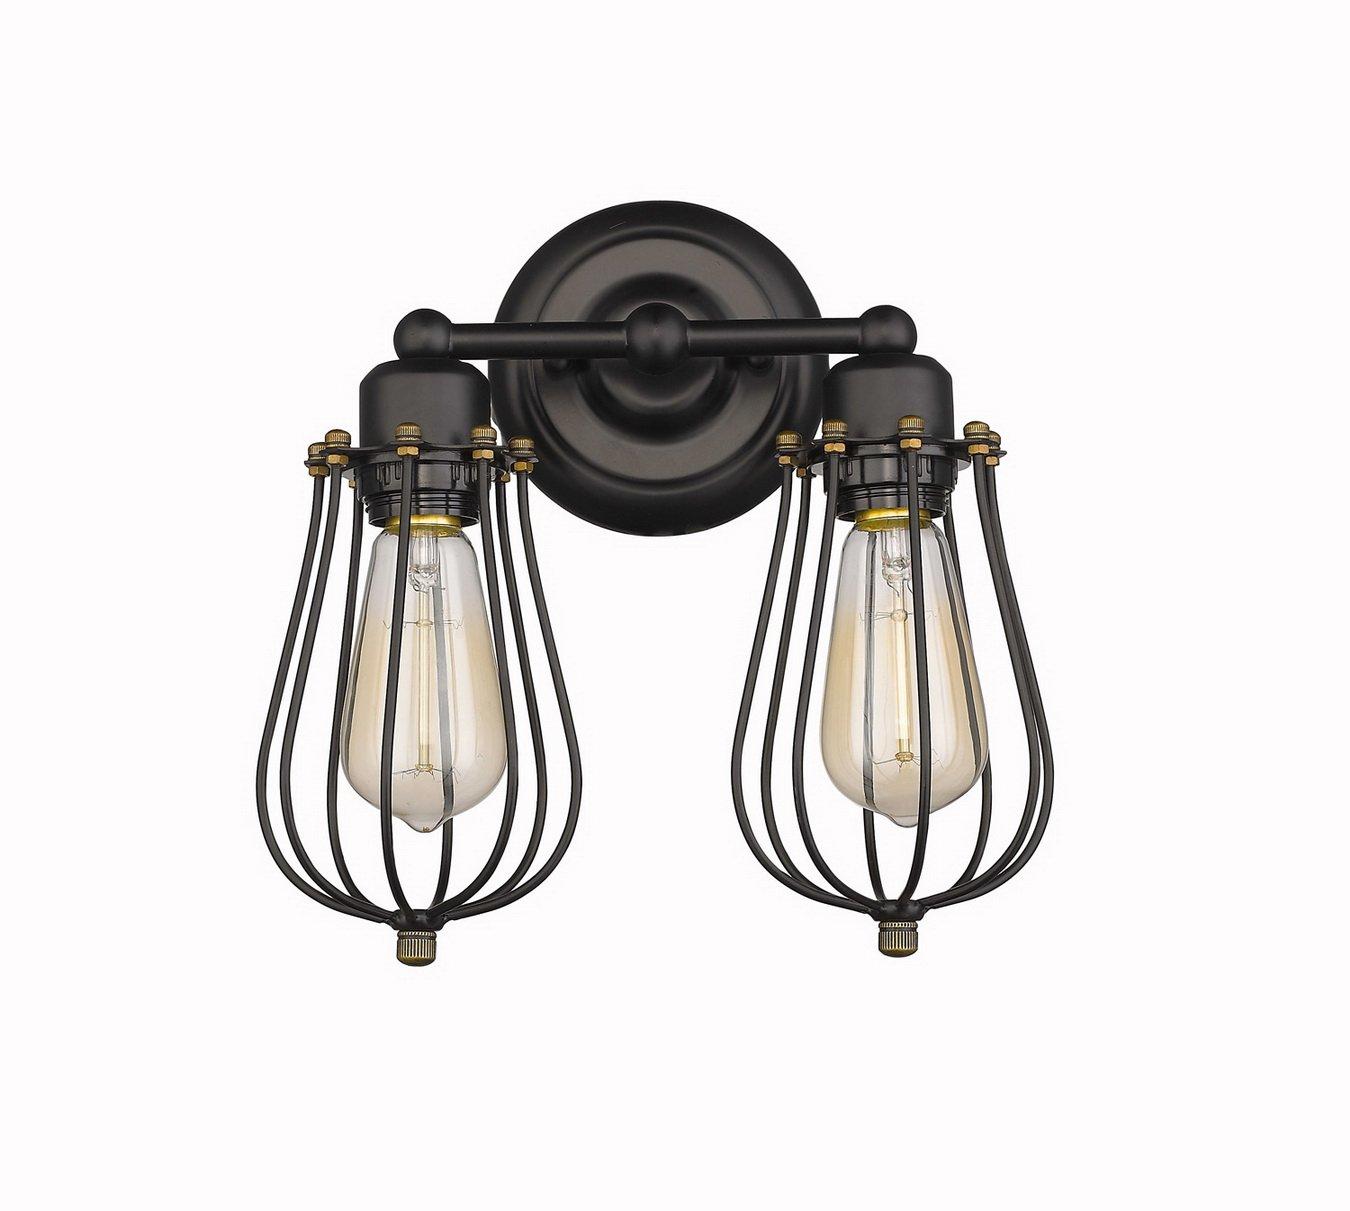 CLAXY Wandleuchten 2-flammig Wandlampen Antik Deko Design Schwarz Draht Korb (ohne Birne)